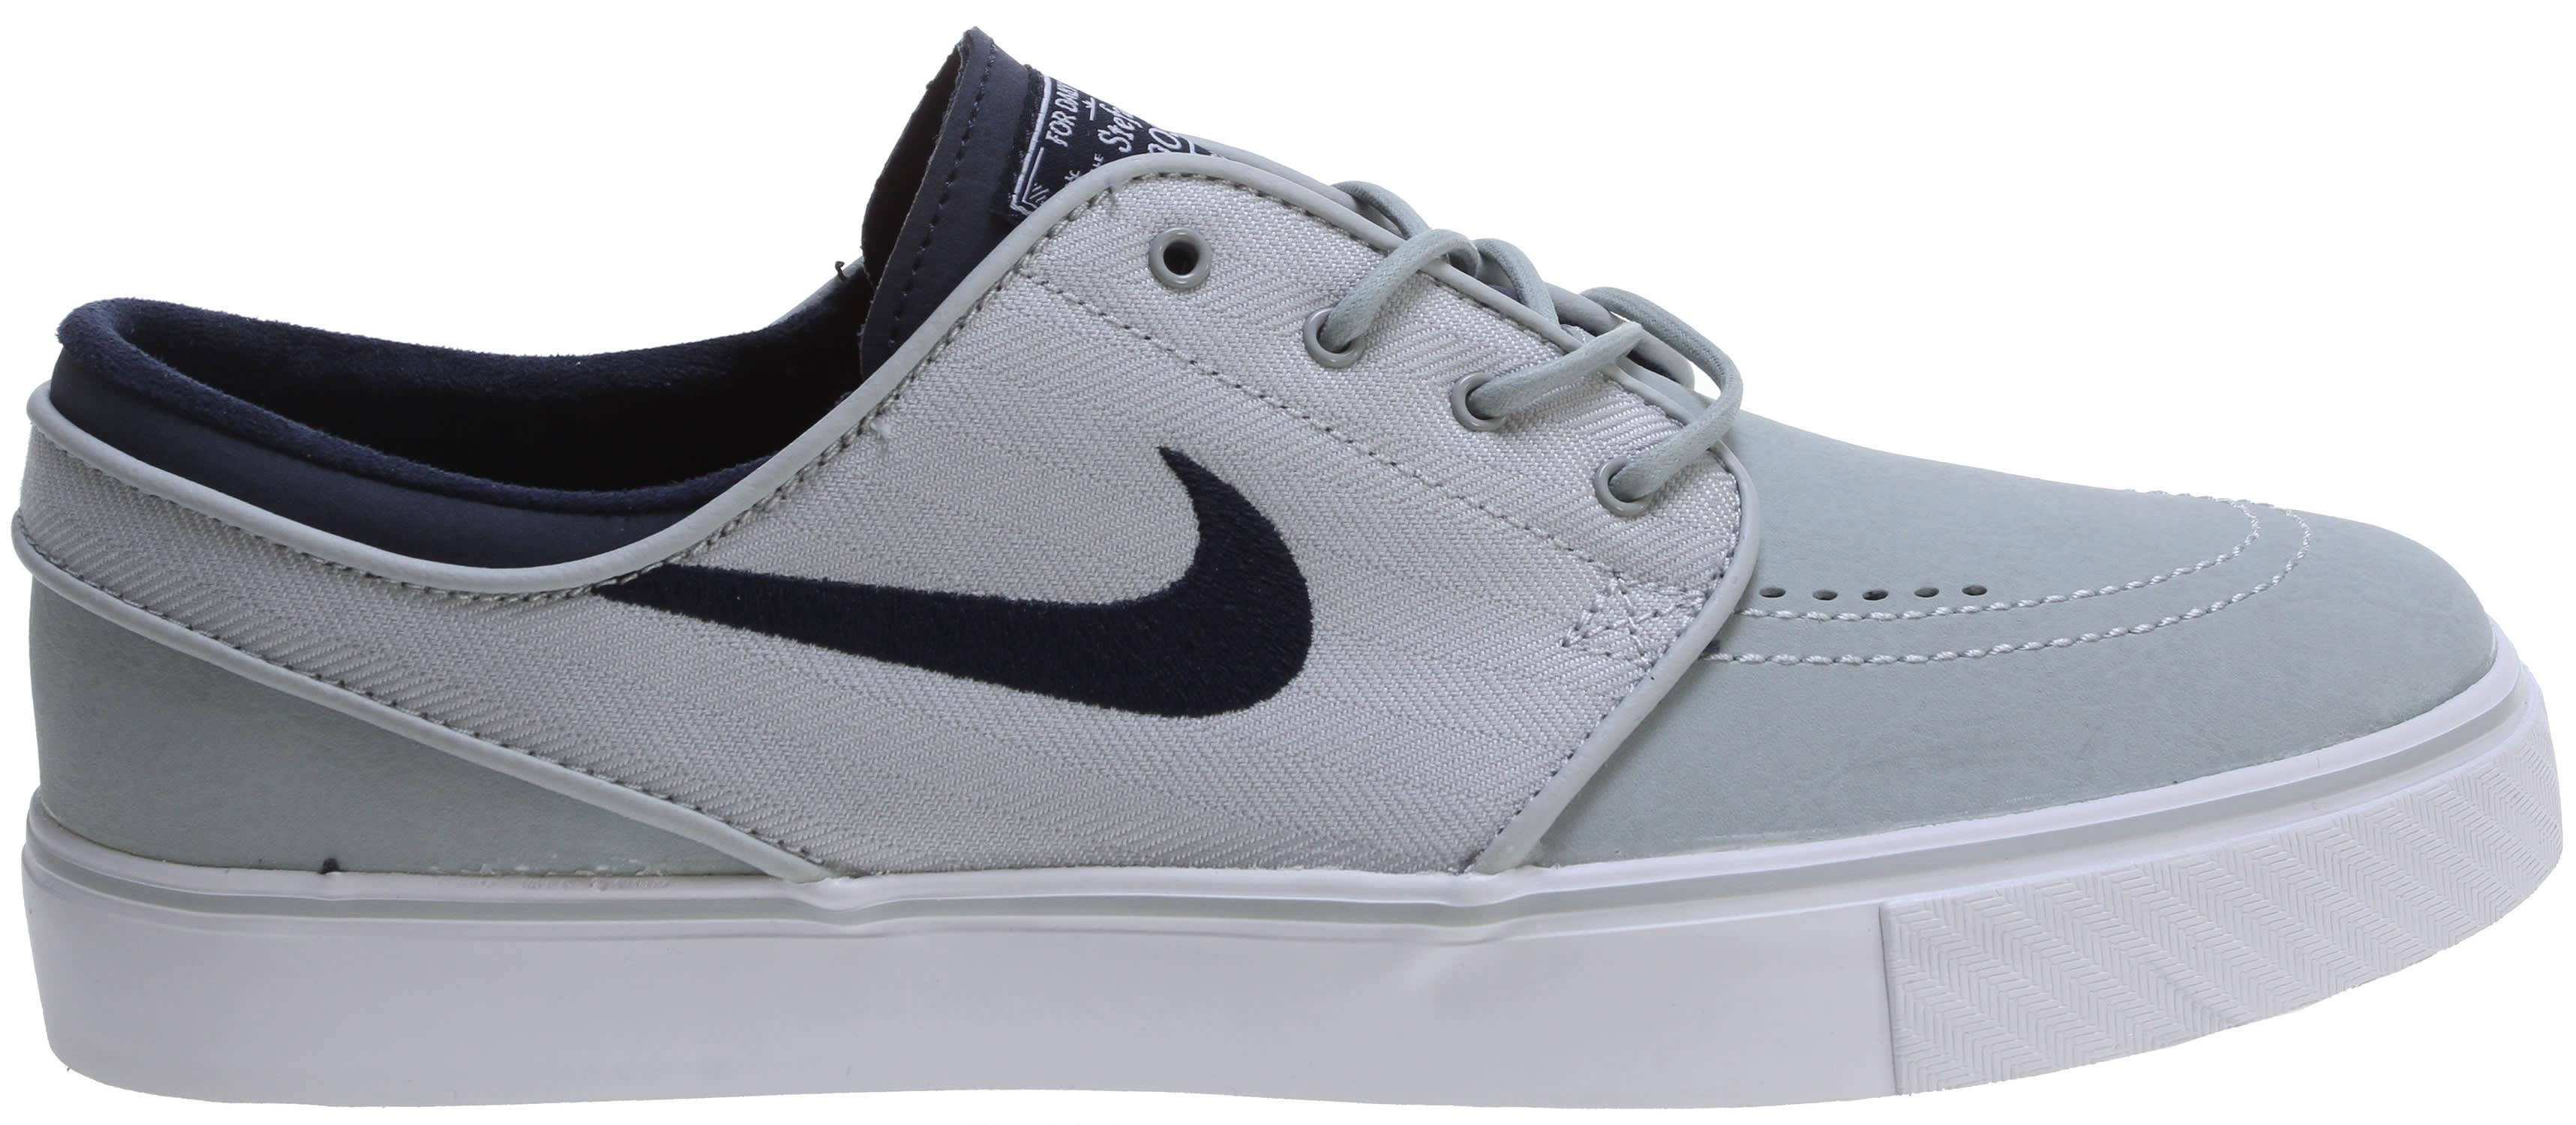 Nike Zoom Stefan Janoski L Skate Shoes